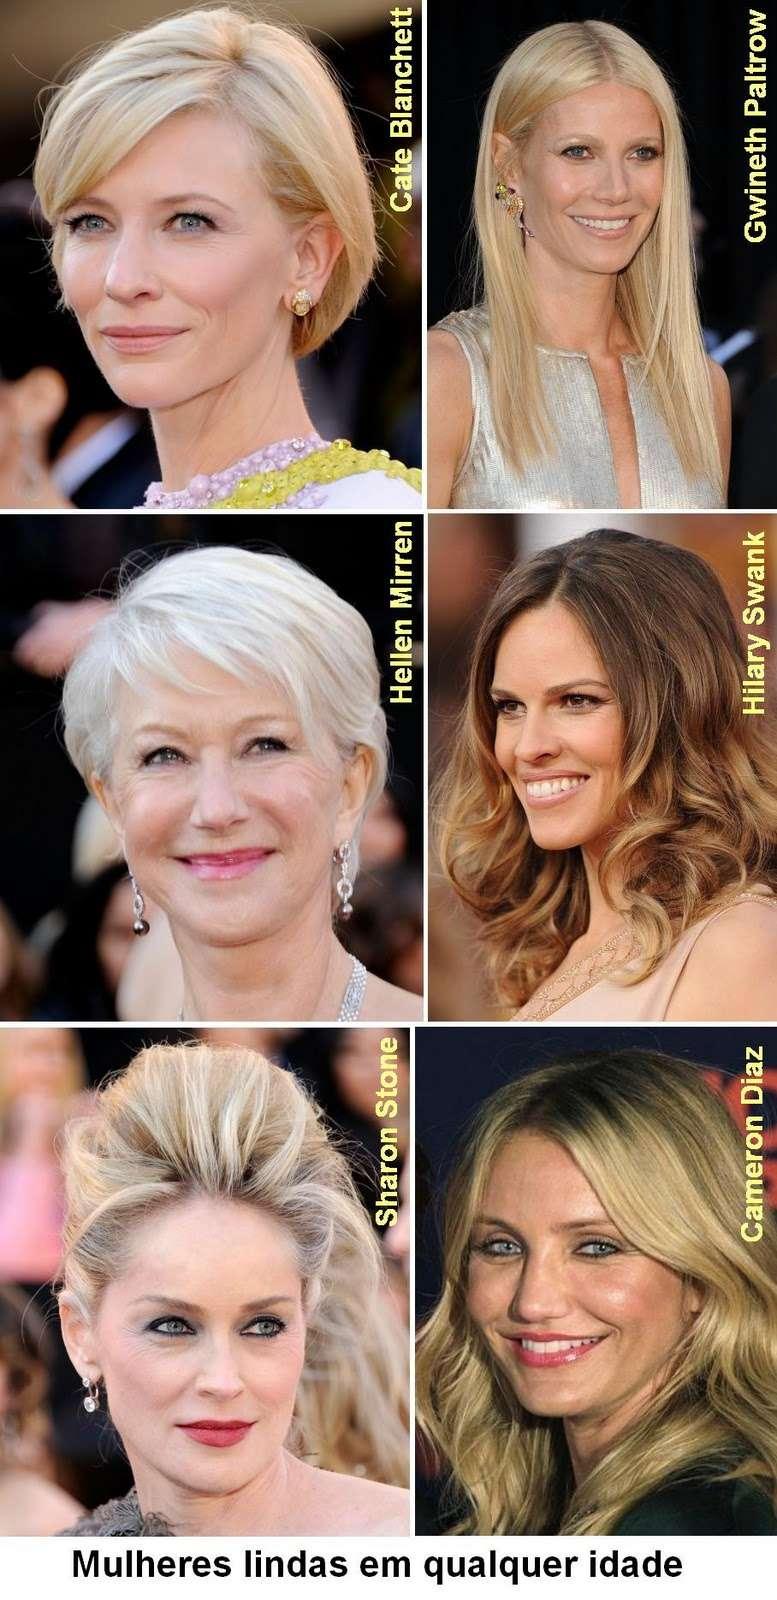 Anti rugas e anti envelhecimento facial